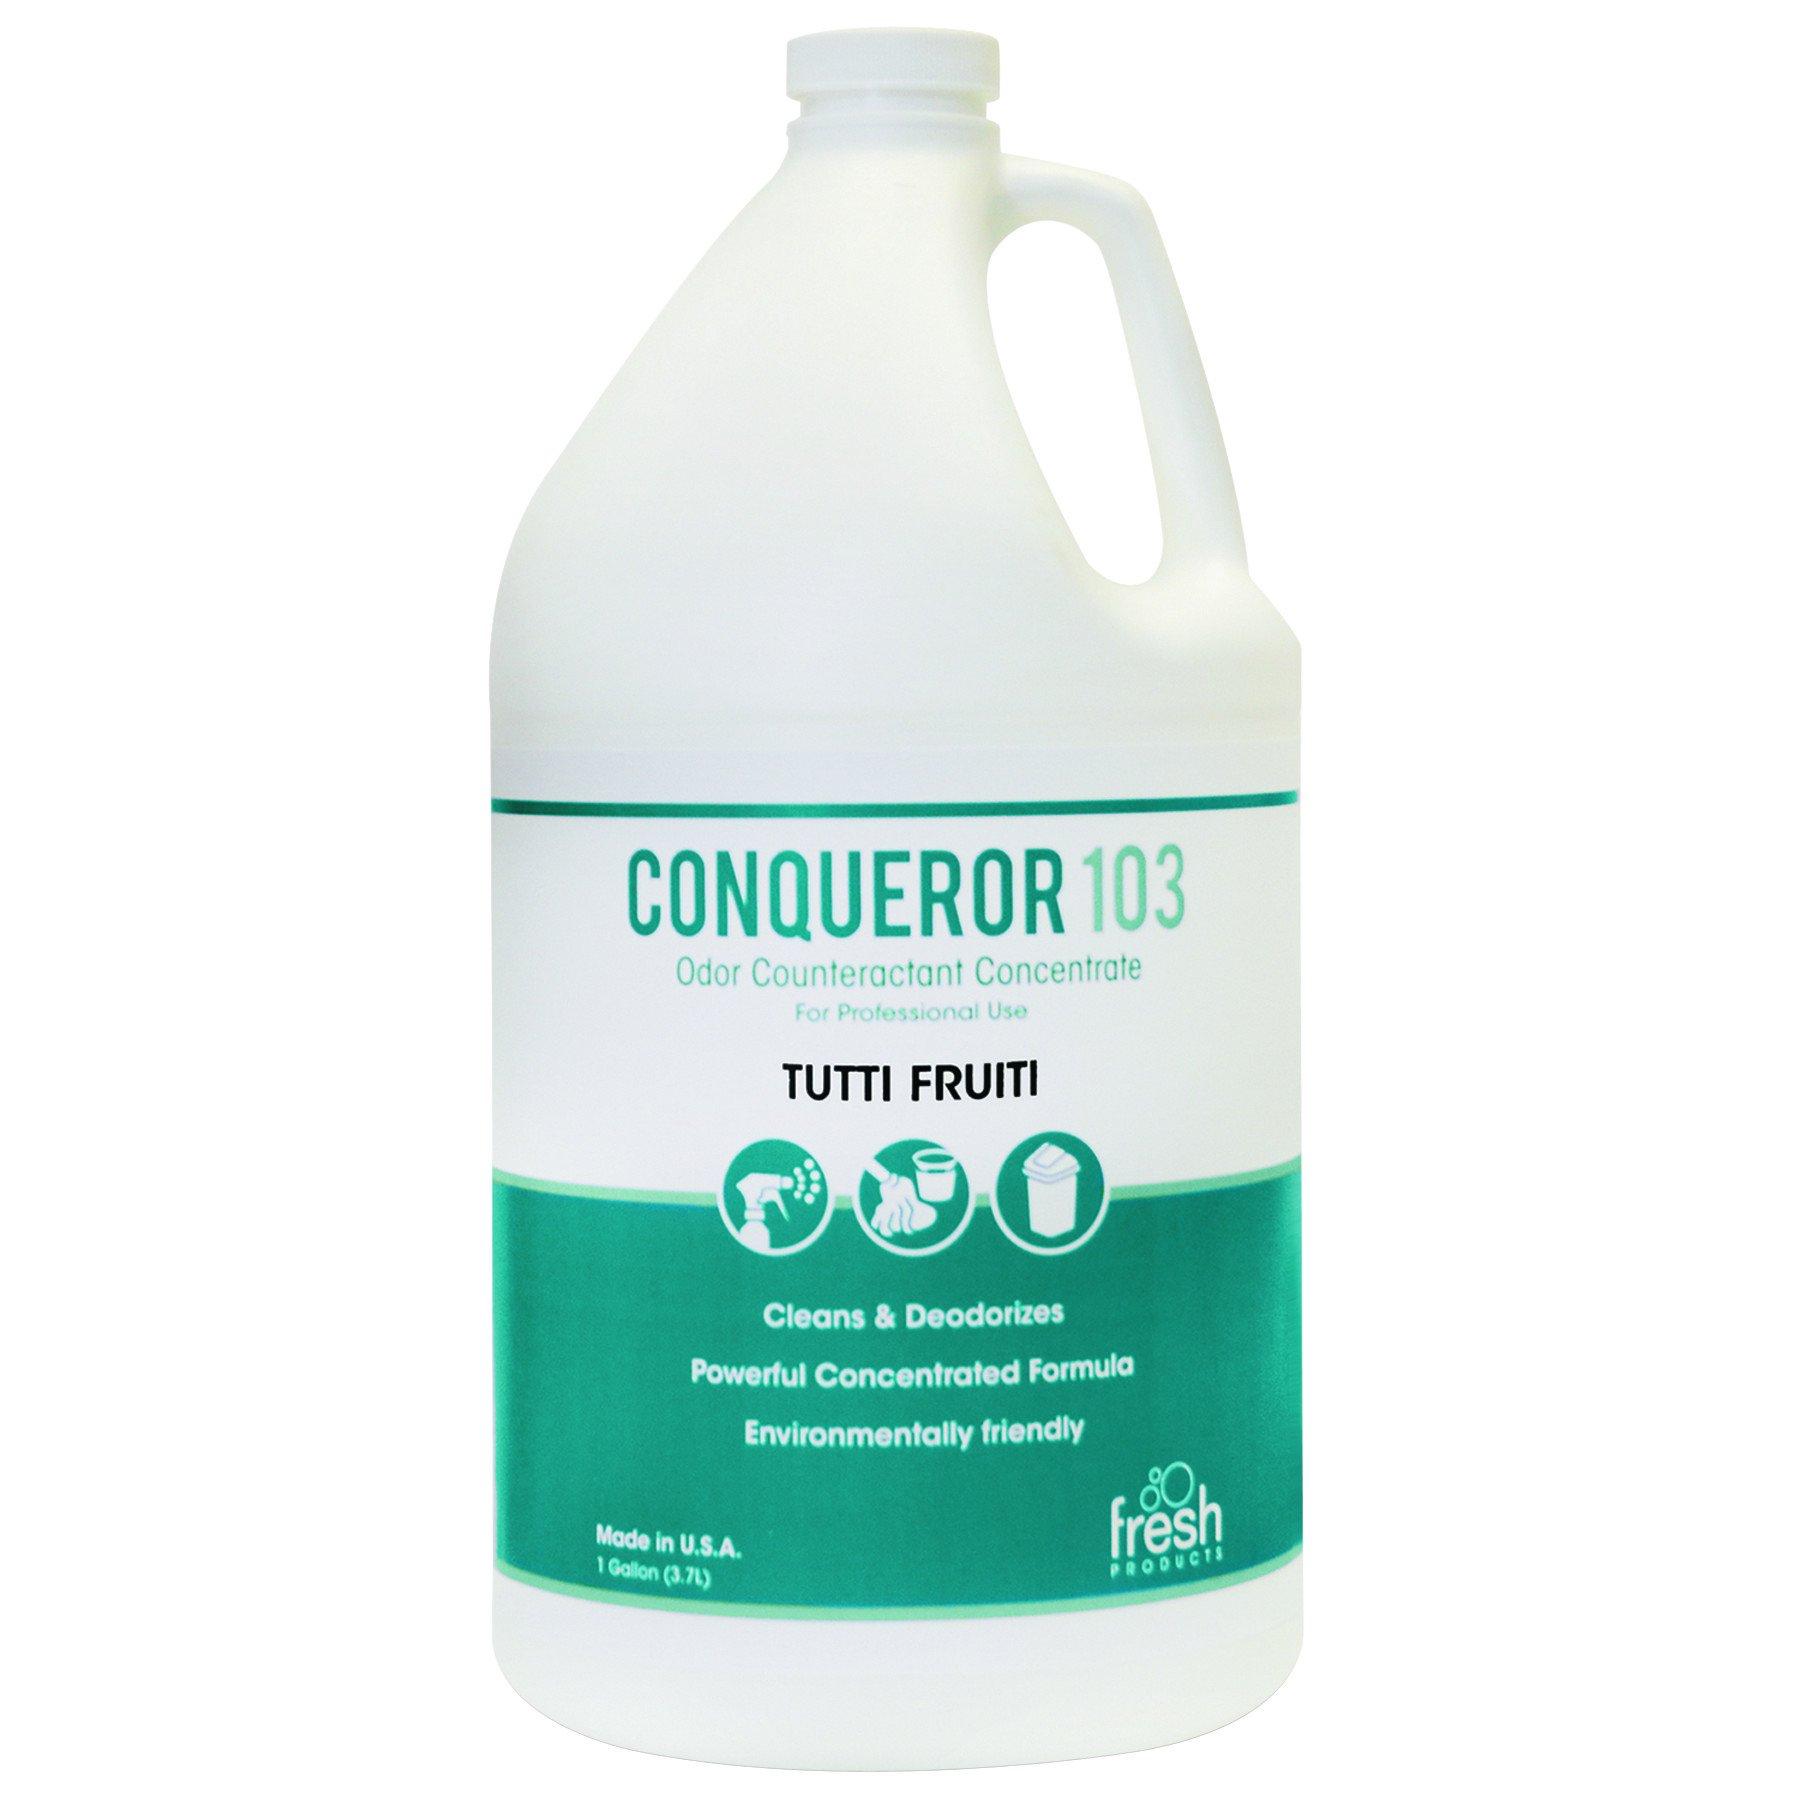 Fresh Products 1WBTU Conqueror 103 Odor Counteractant Concentrate, Tutti-Frutti, 1 Gallon Bottle (Case of 4)